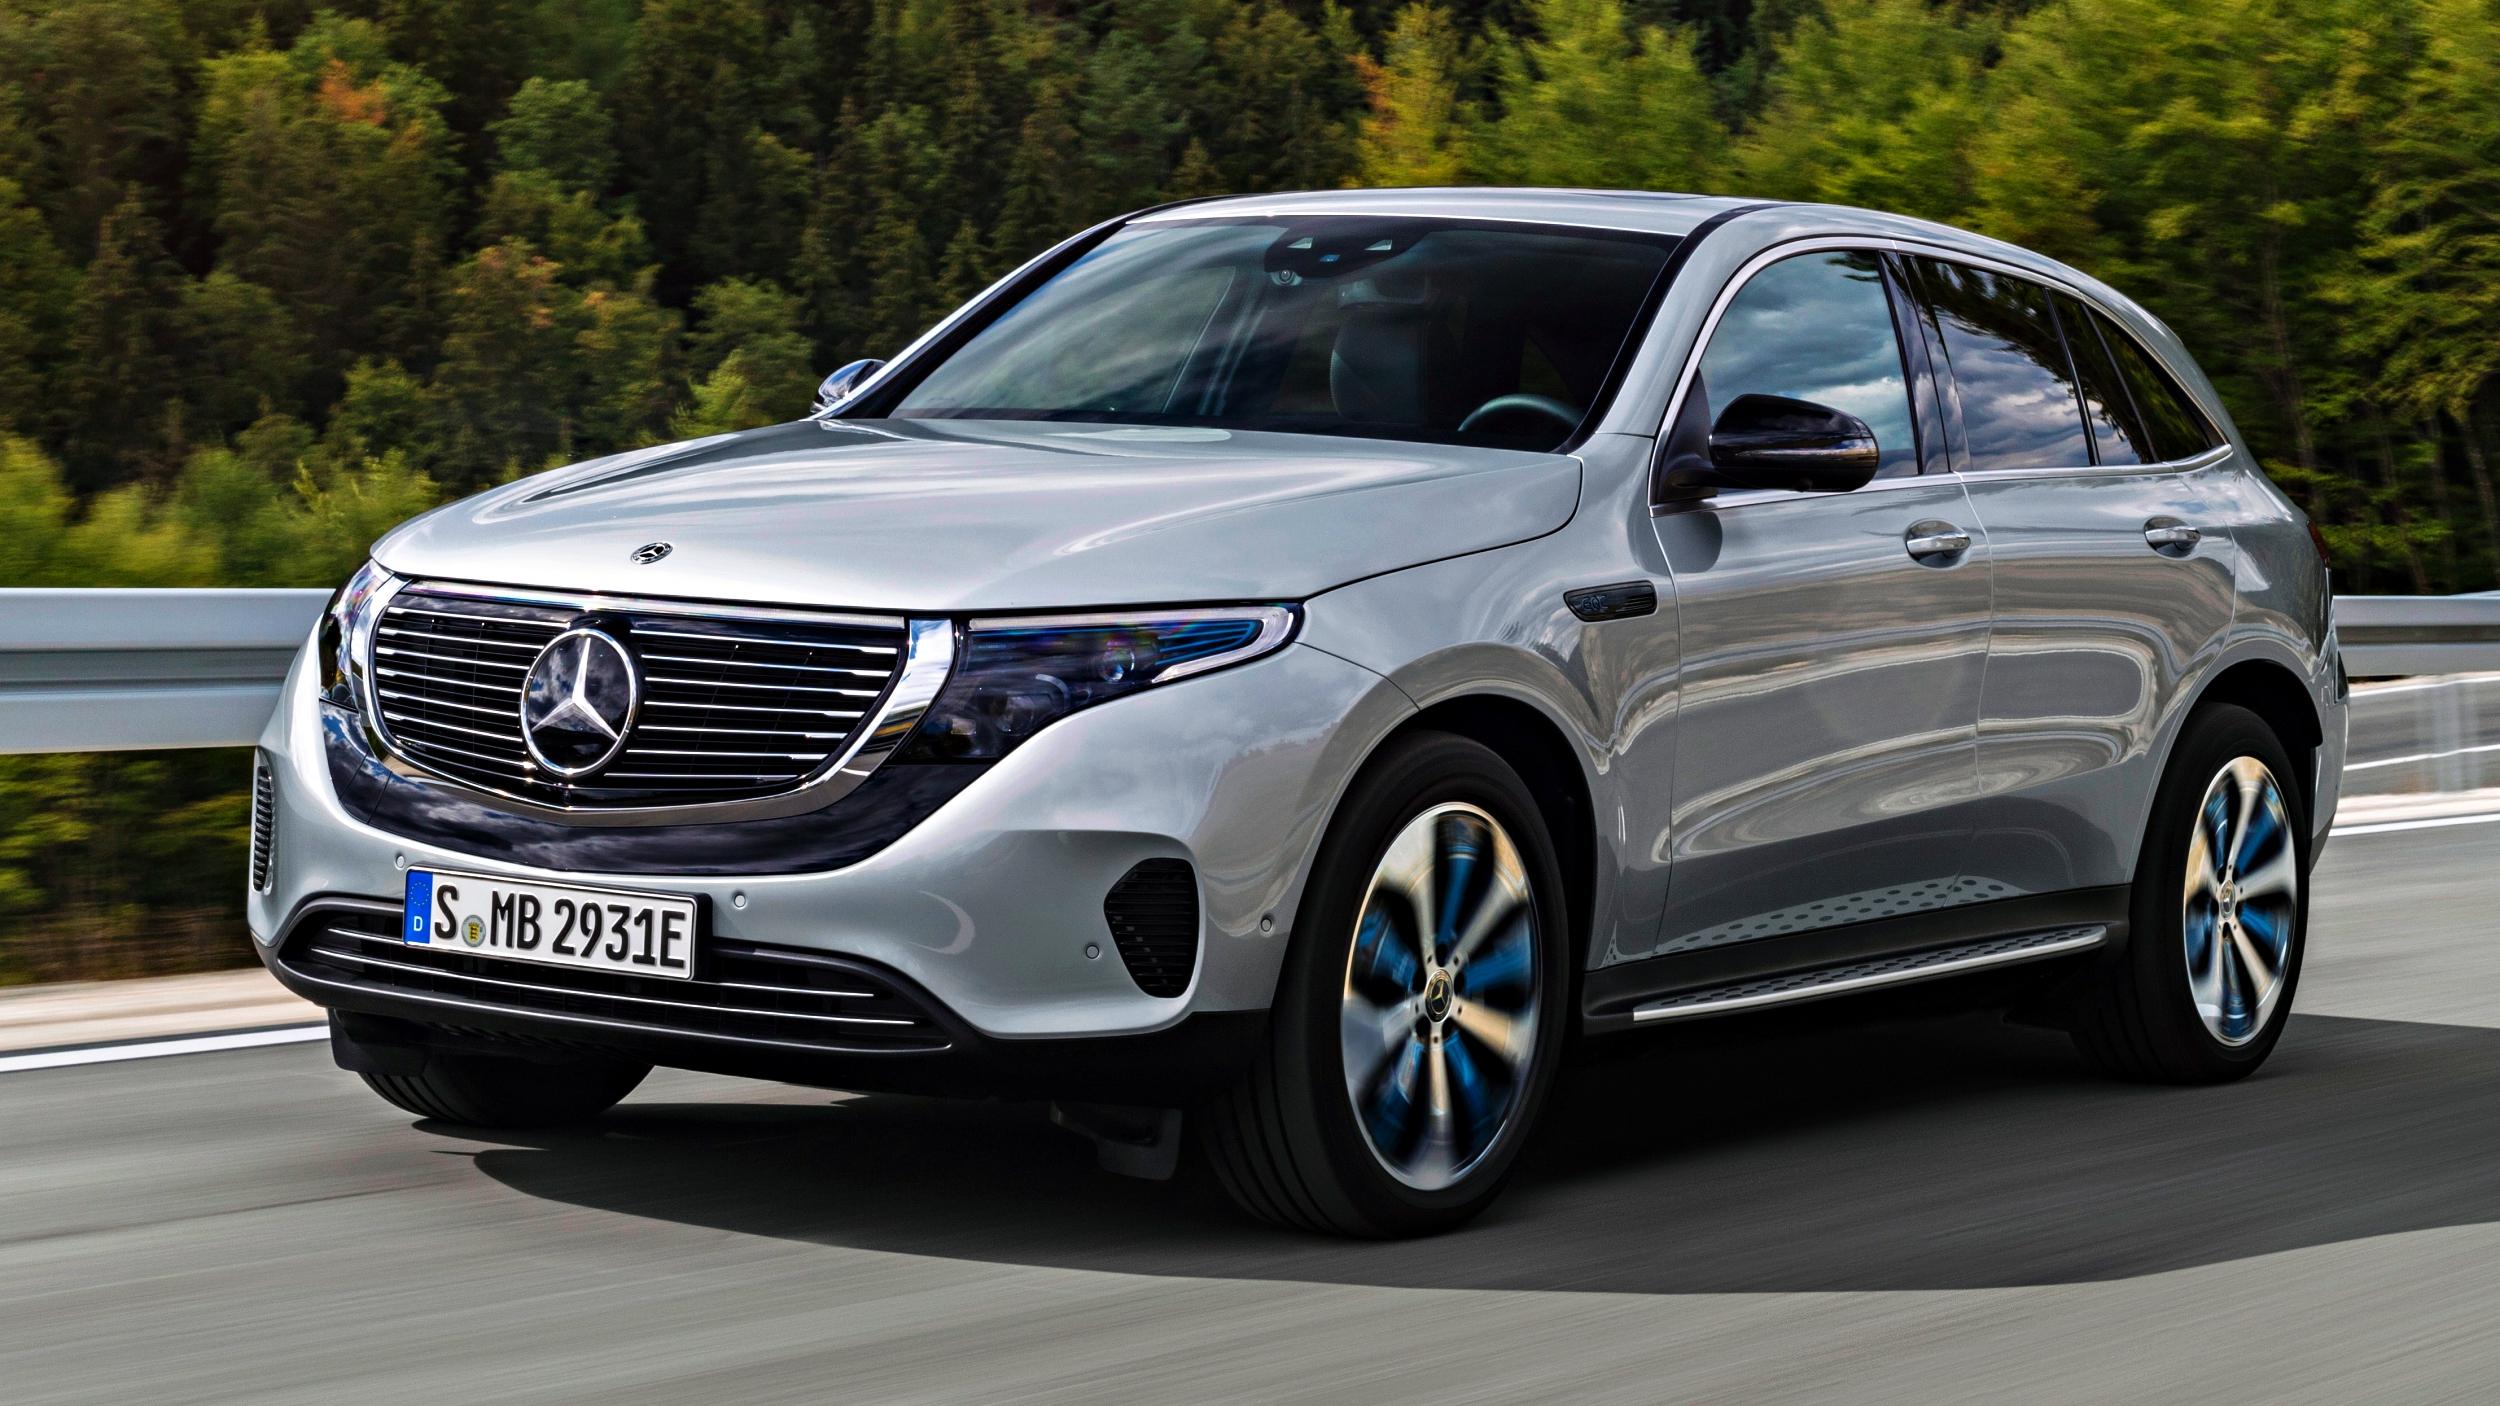 2019 Mercedes-Benz EQC Arrives